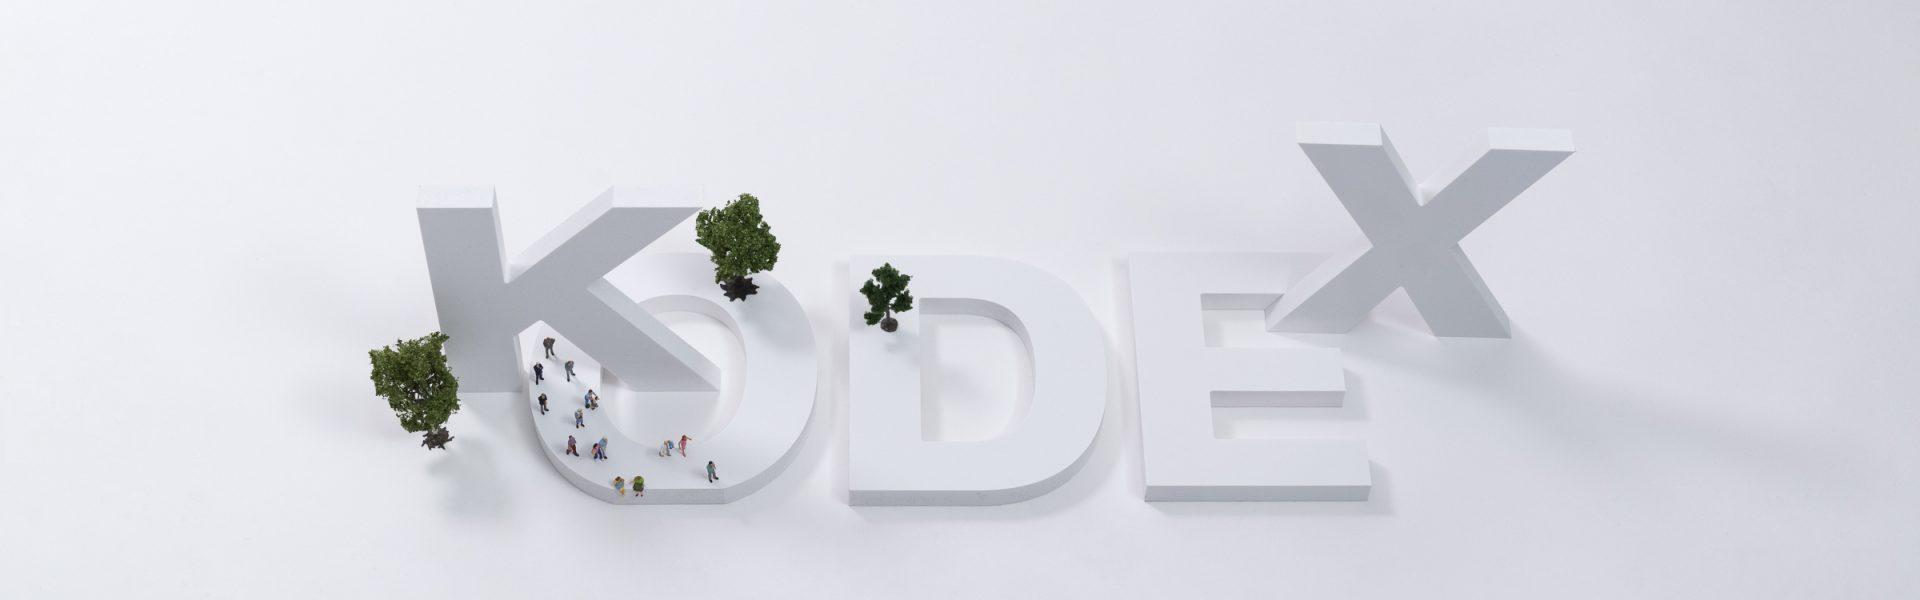 Header Bild Aktualisierter Darmstädter Beteiligungskodex vorgestellt